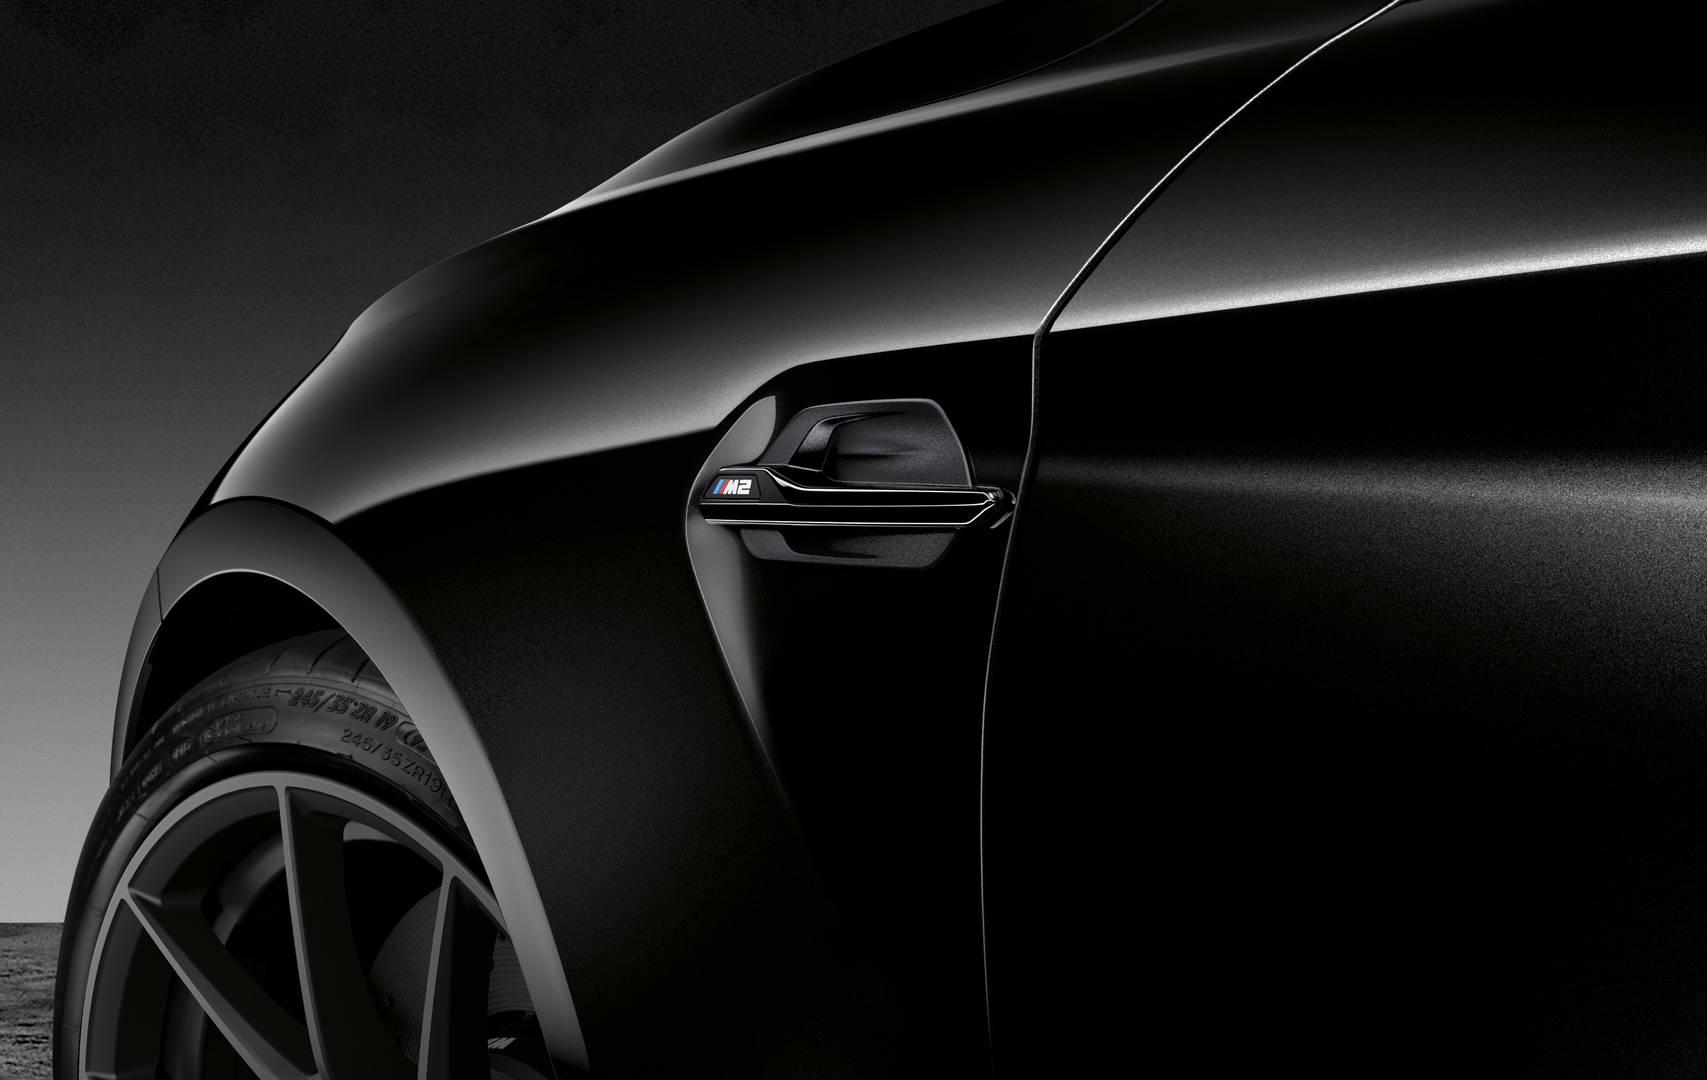 Black Edition ничего не добавляет к базовому комплекту BMW M2, полностью ориентированному на косметические и дизайнерские обновления.